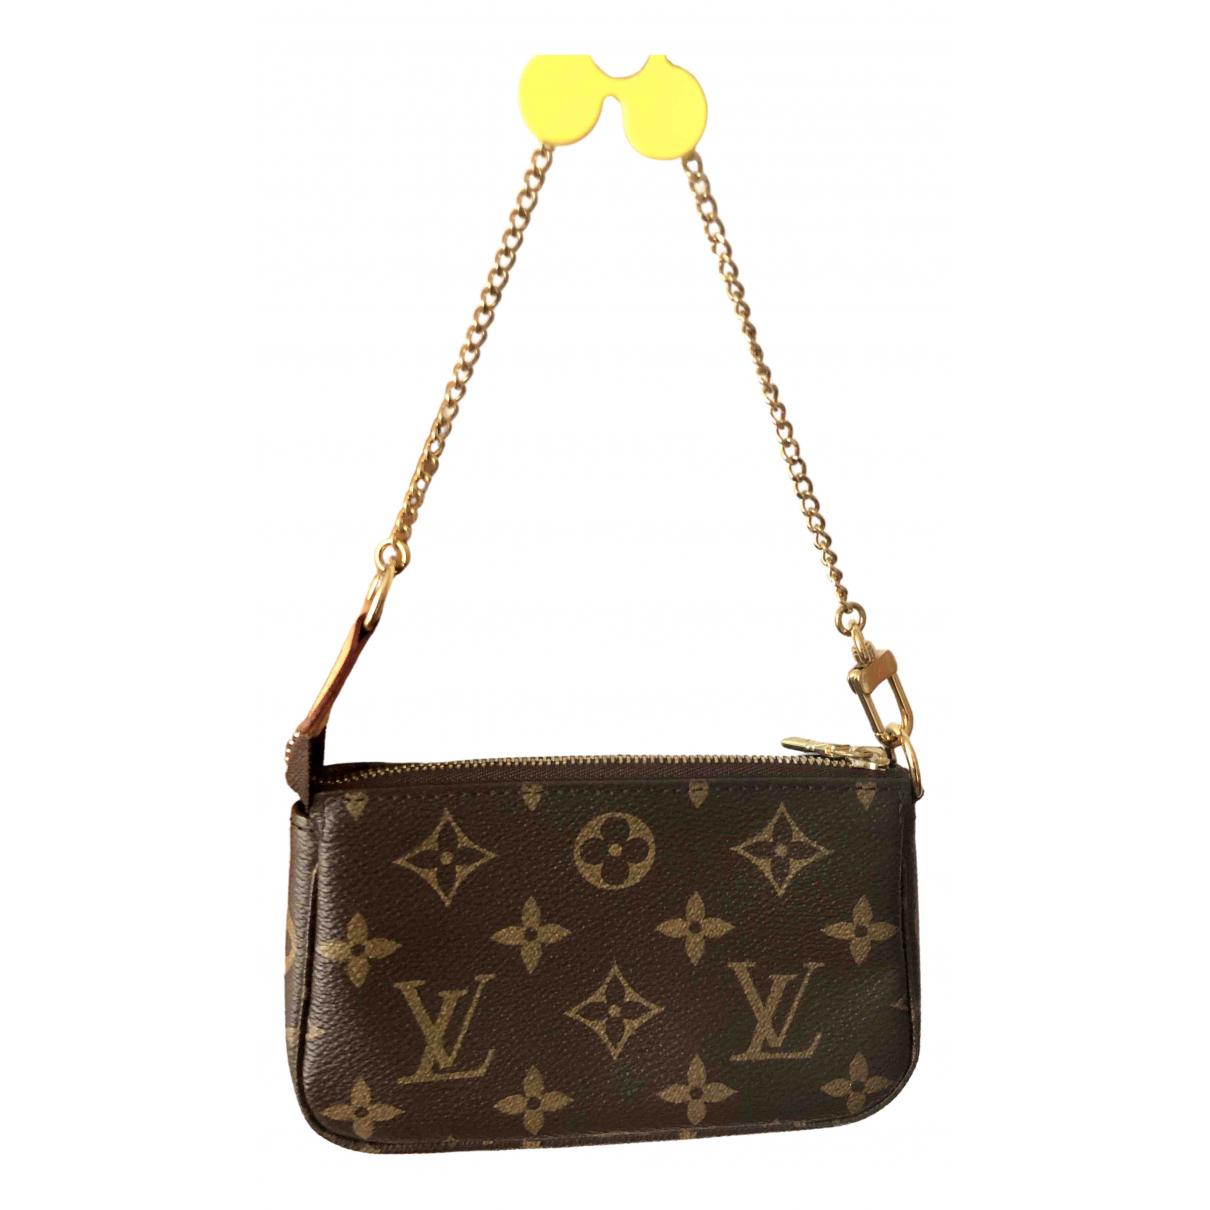 Louis Vuitton - Pochette Pochette Accessoire pour femme en toile - marron